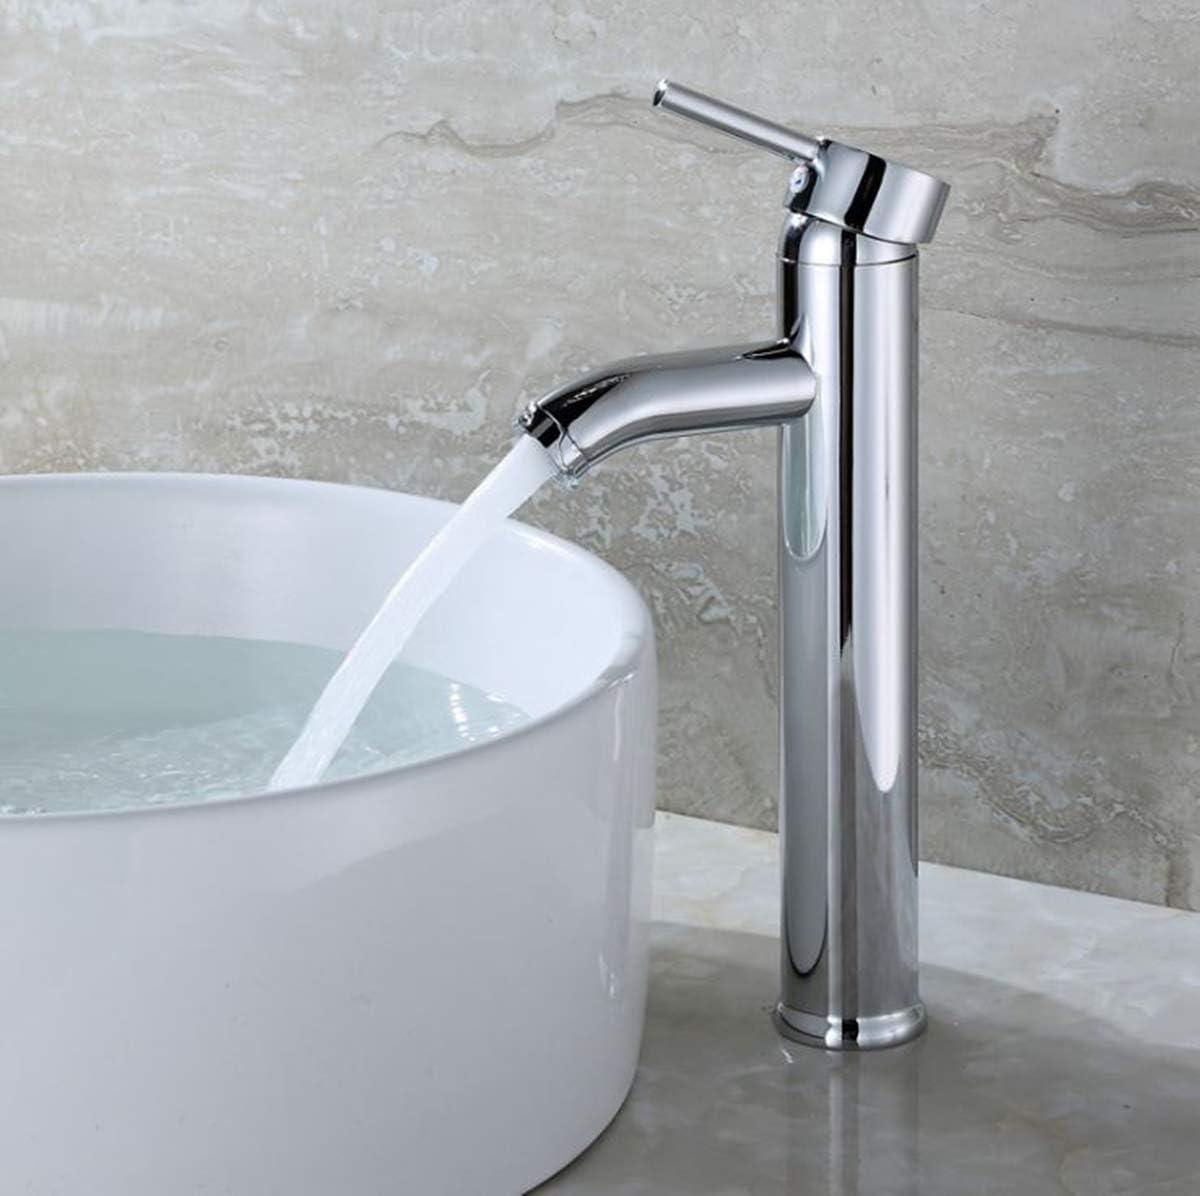 YZY - Grifo de baño, lavabo alto, grifo de baño, grifo de cascada, grifo monomando, grifo de latón cromado: Amazon.es: Bricolaje y herramientas